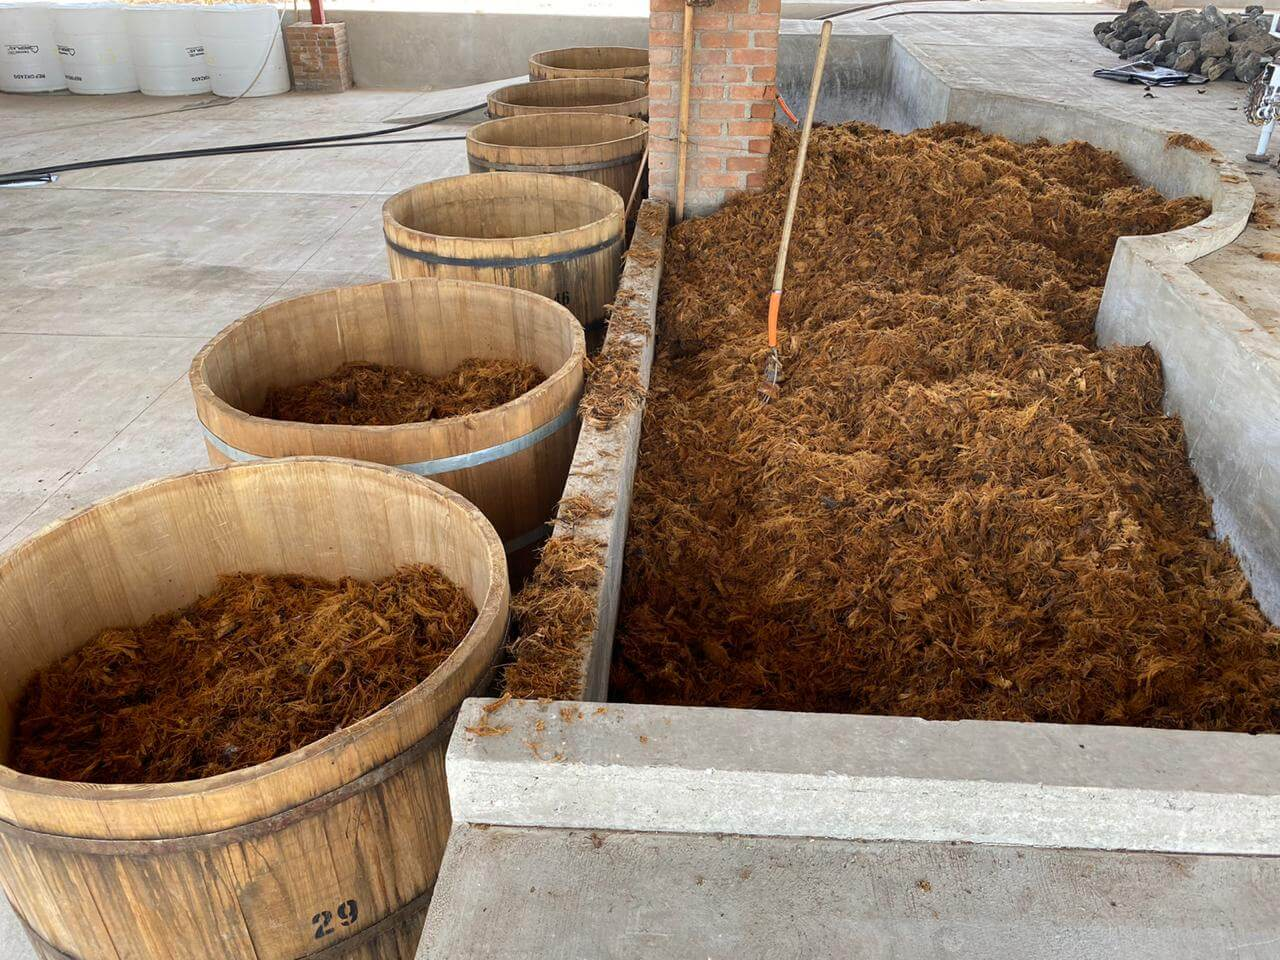 fermentación del agave un paso de la elboración del mezcal